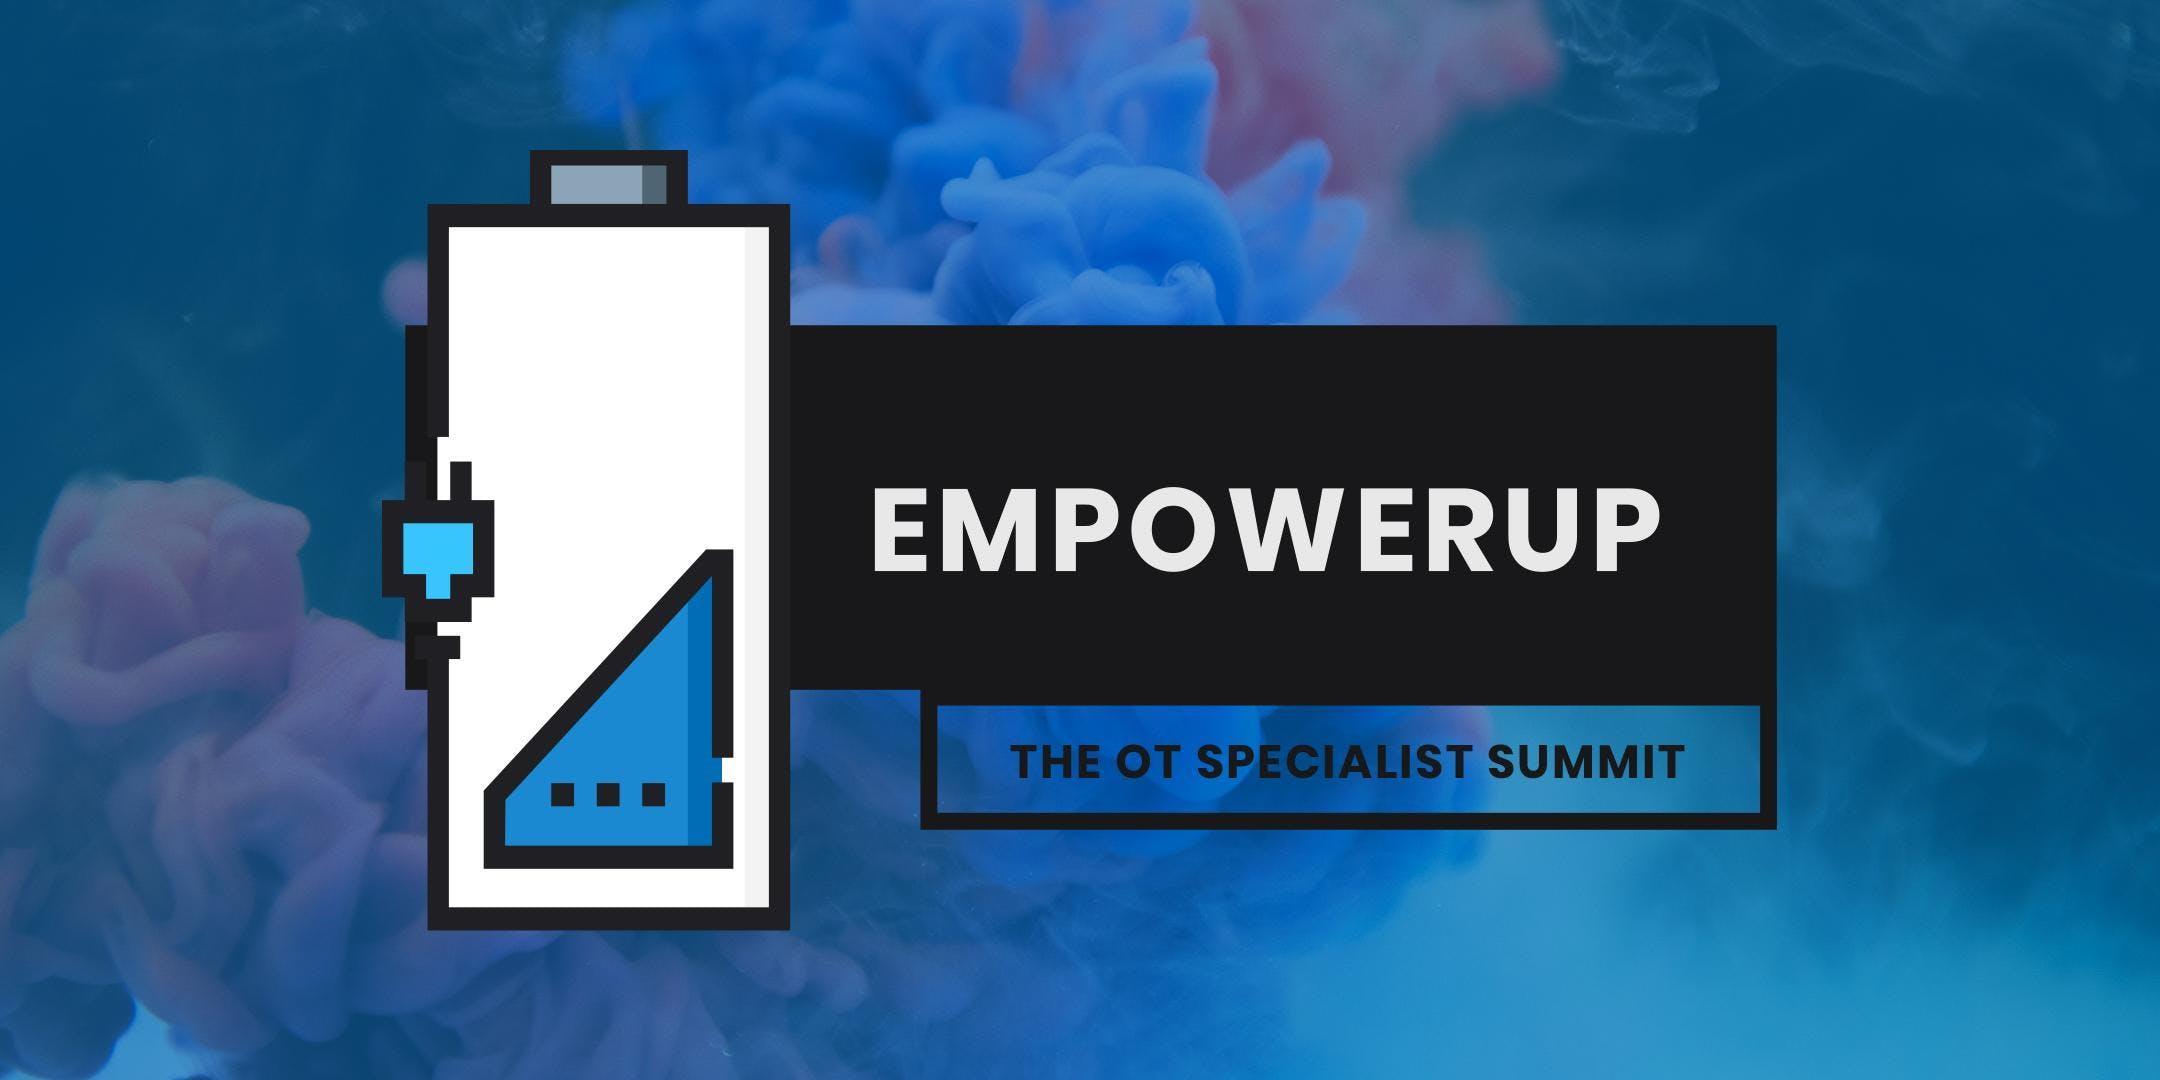 emPOWERUP 2019 Tech Summit: Phoenix